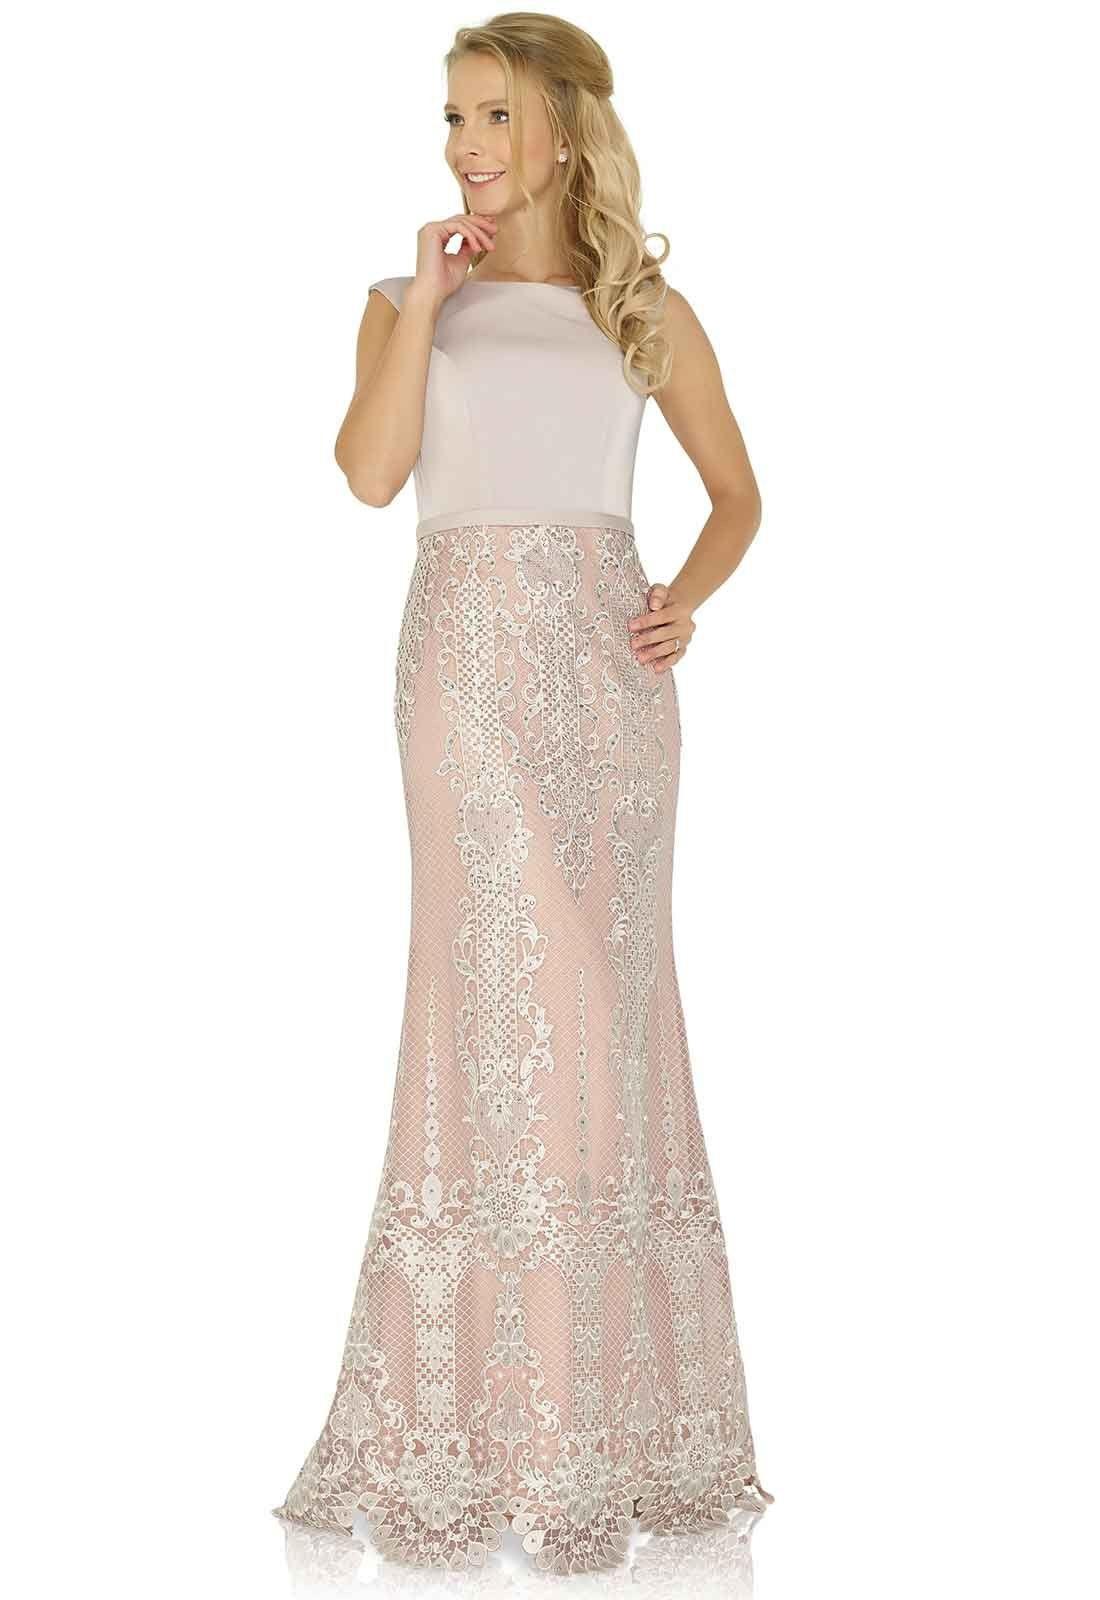 20 Einfach Abendkleider Jora Bester PreisFormal Luxus Abendkleider Jora Galerie